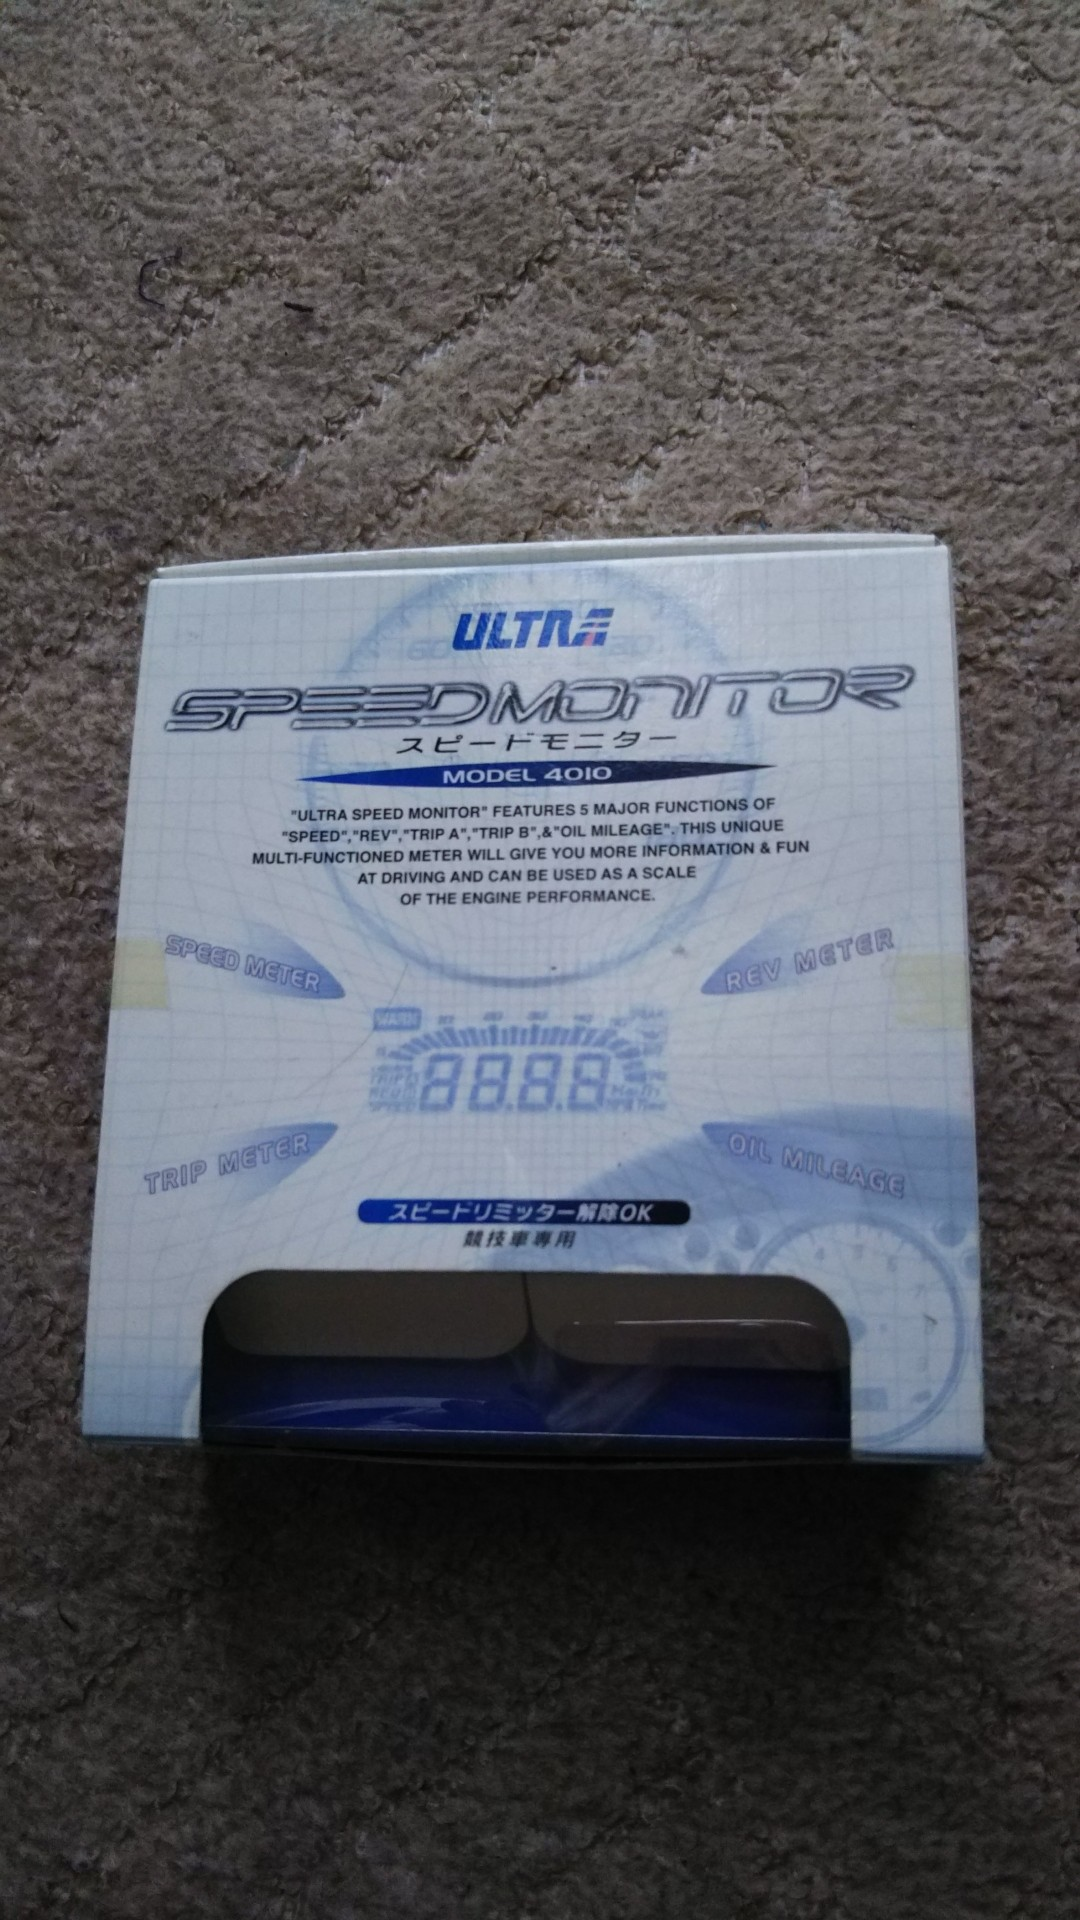 永井電子機器 / ULTRA スピードモニター No.4010